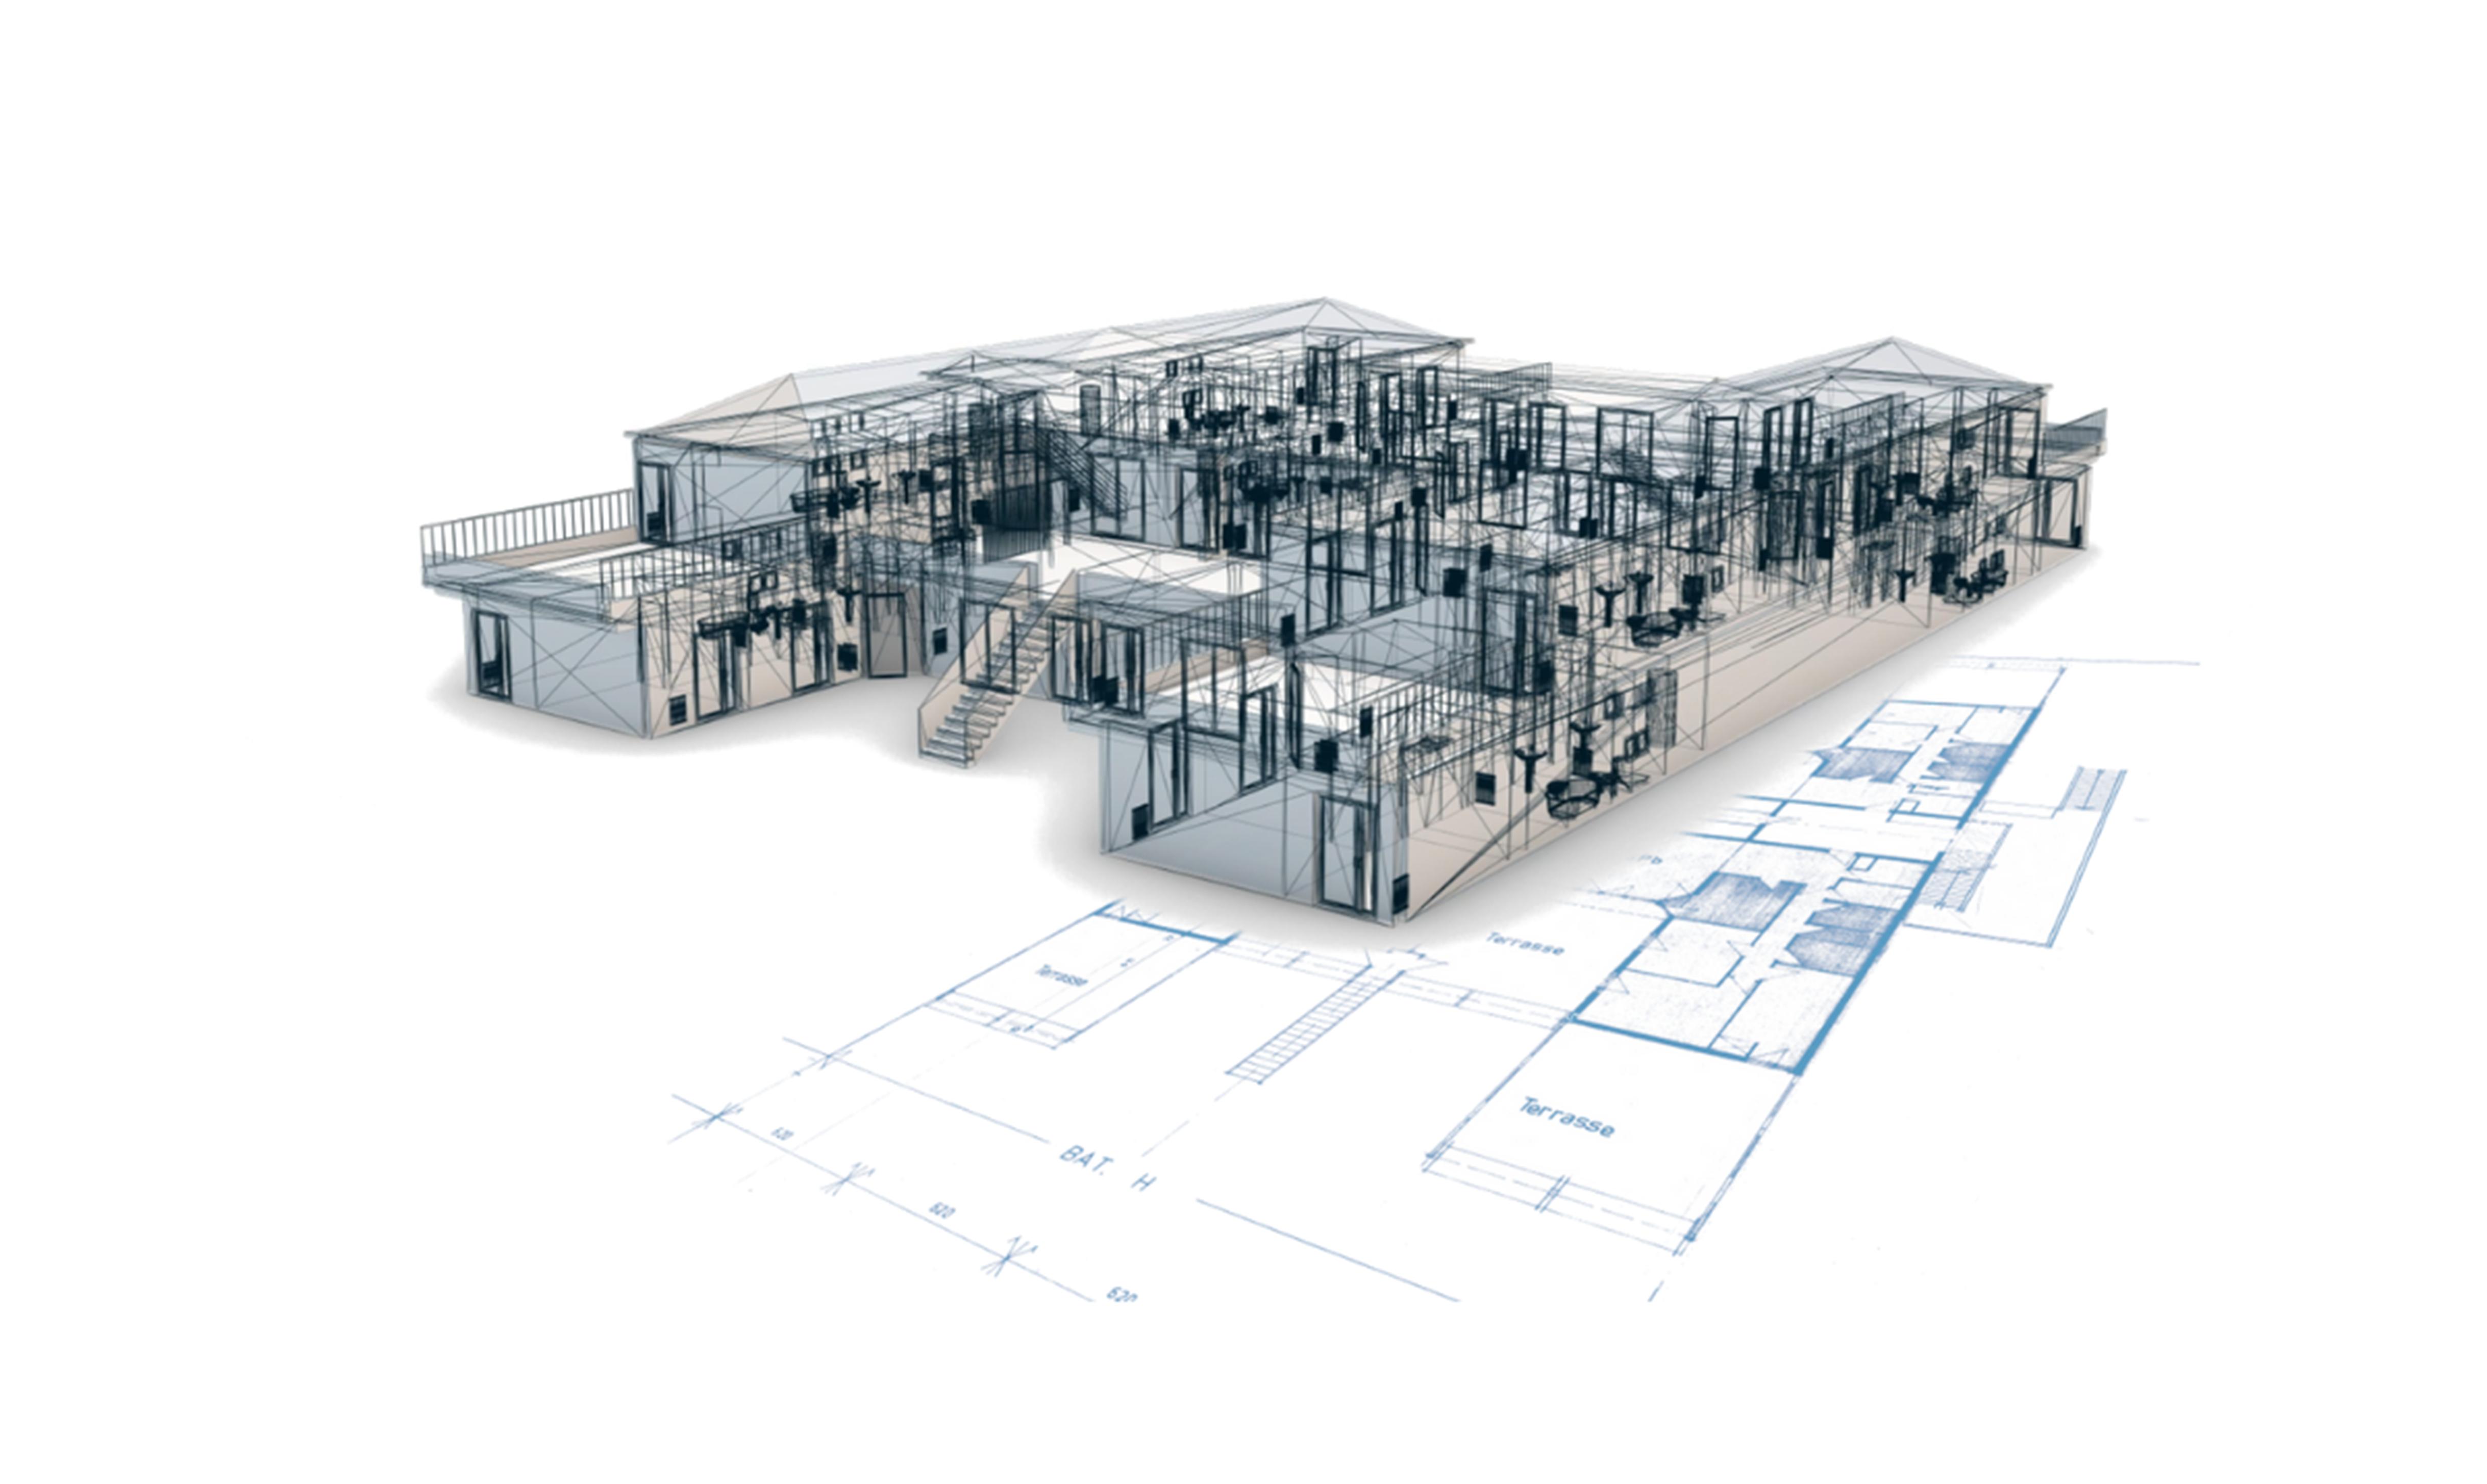 plateforme_plans2BIM_plans2D_maquette_numerique